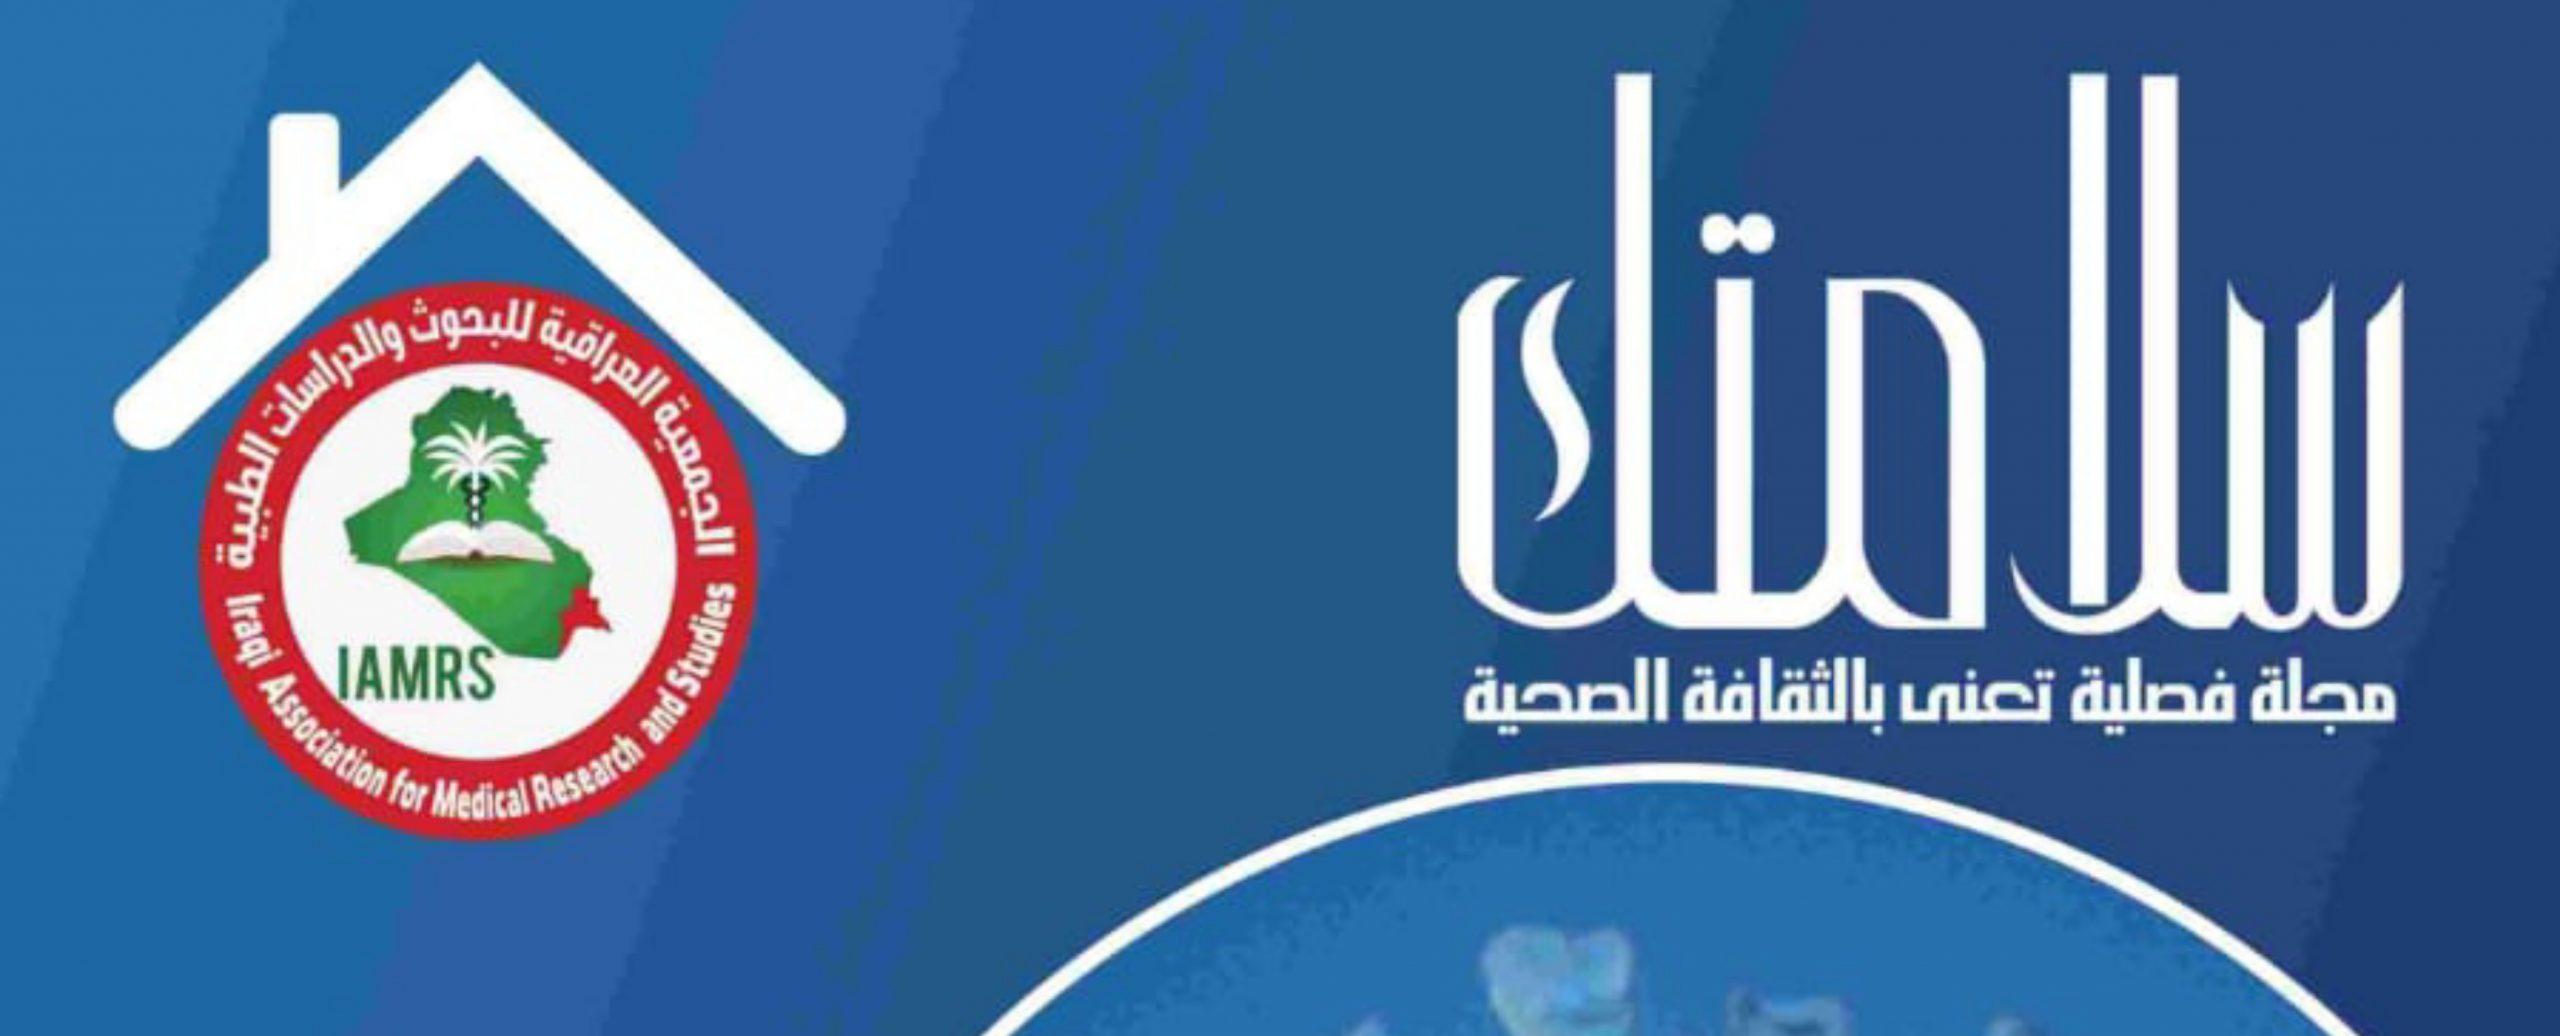 Salamatak Journal (Special Edition)